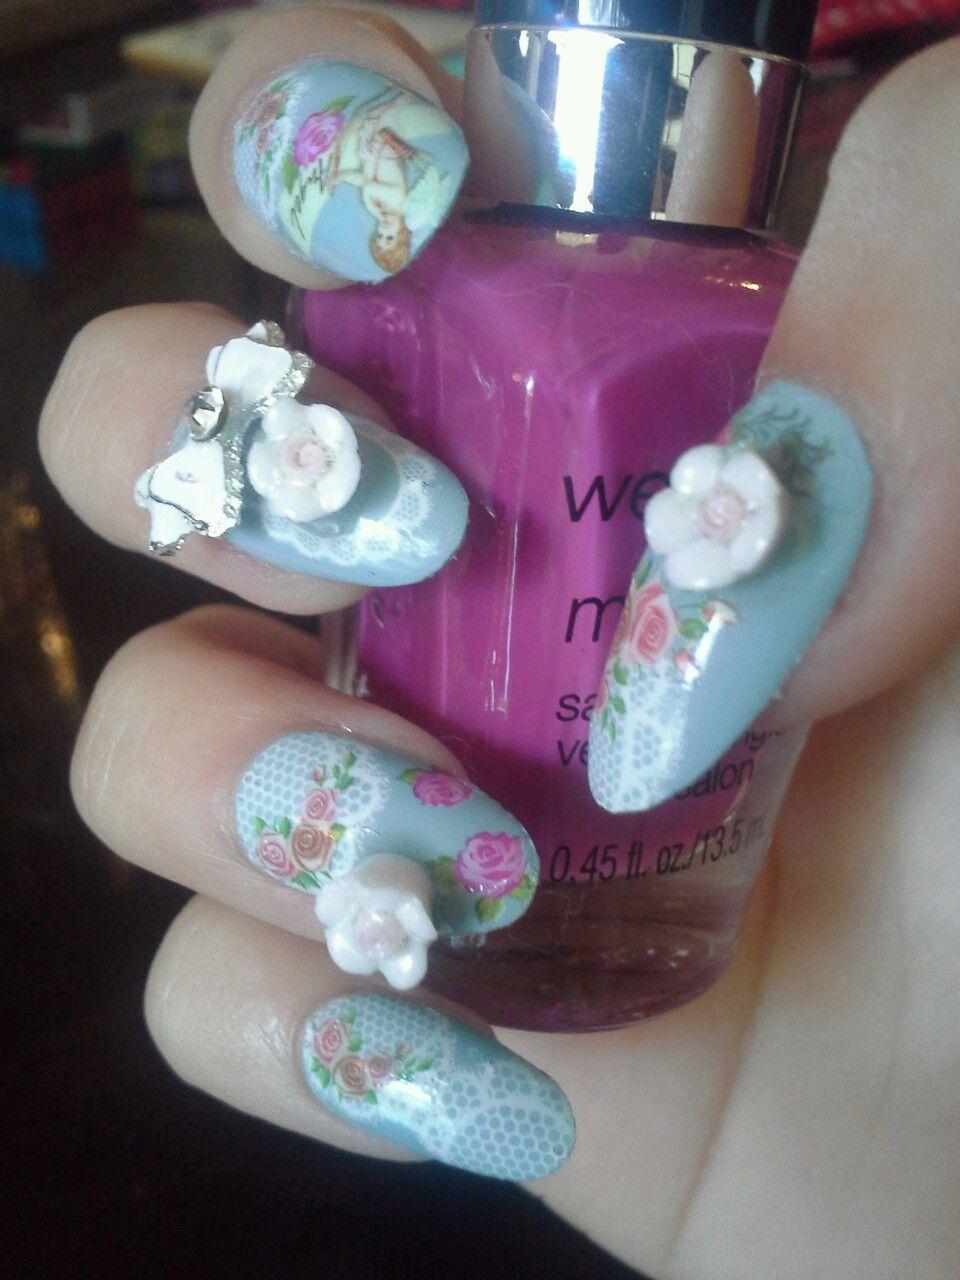 kawaii nails | Tumblr | nails and toes! | Pinterest